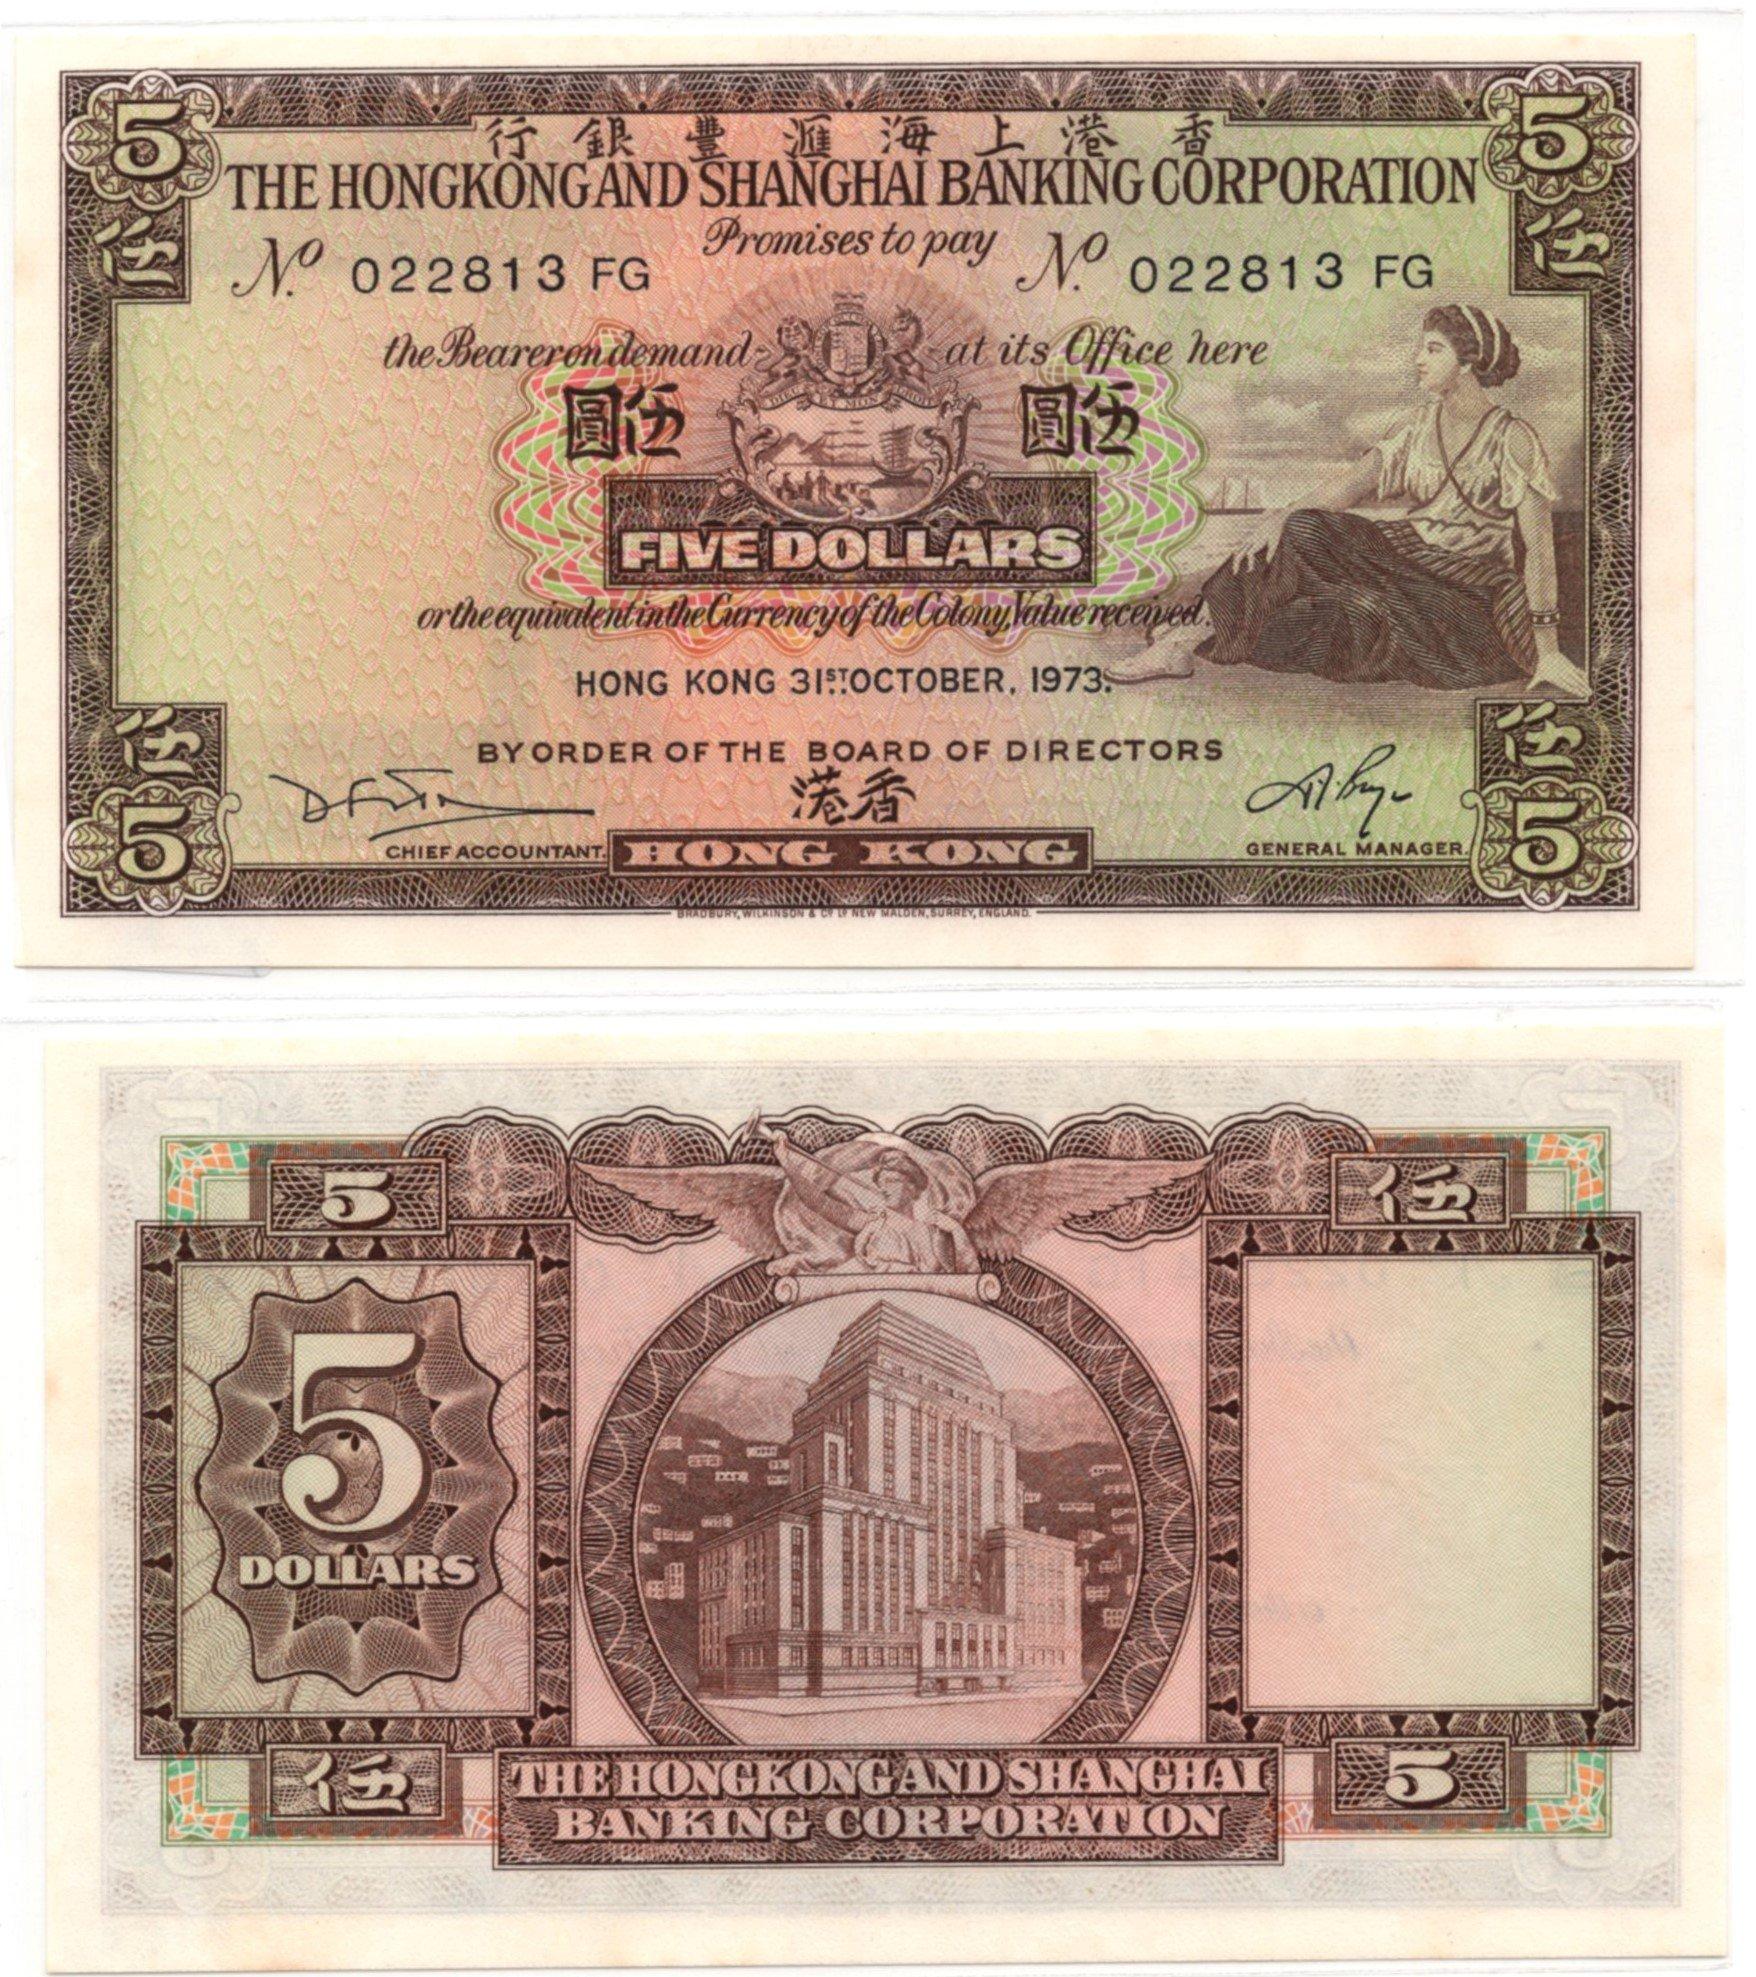 HK 5 dollars P181